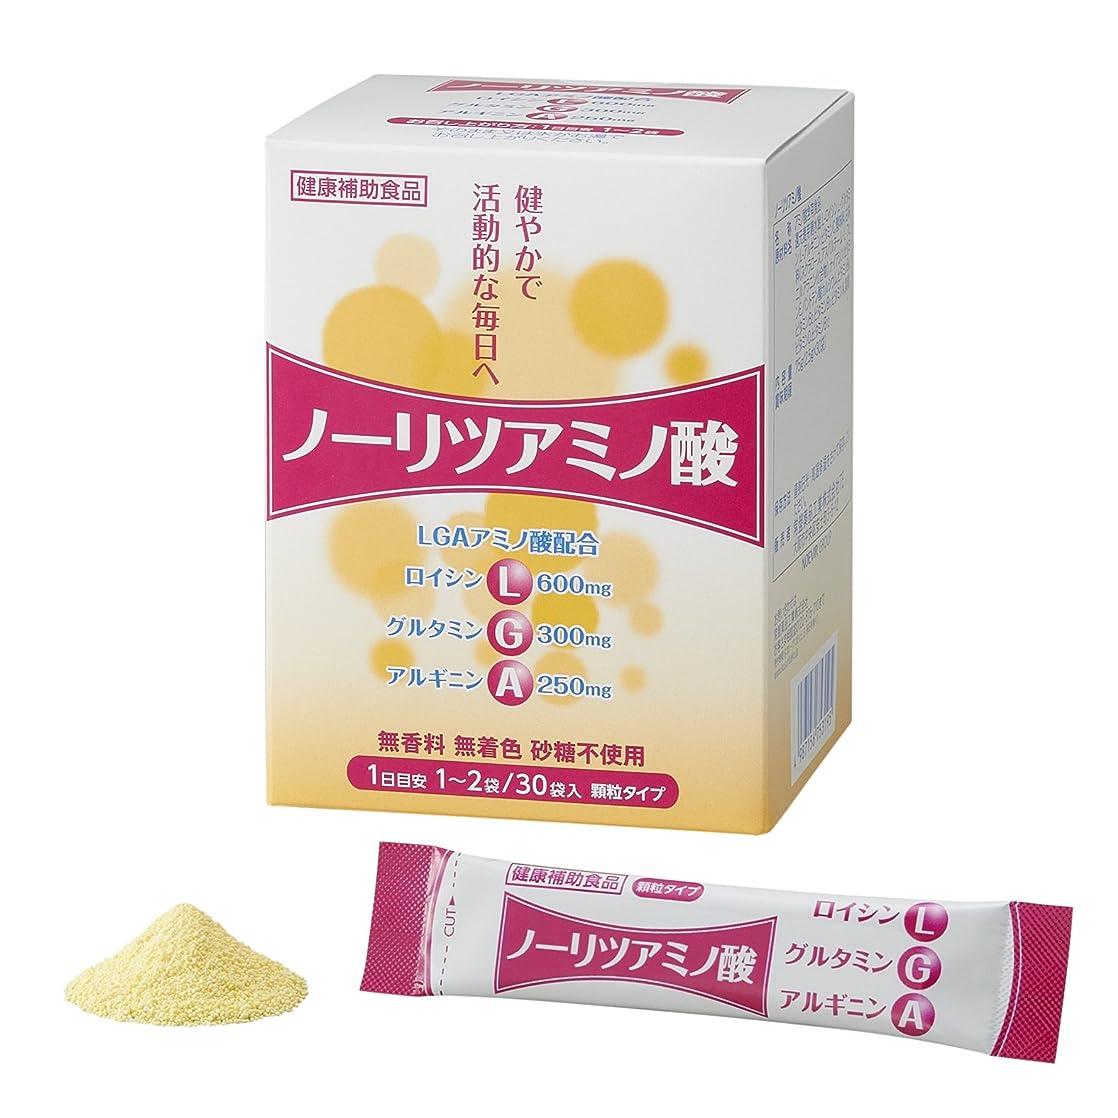 ストライド醜いことわざトキワ ノーリツアミノ酸(2.5g x 30袋入)